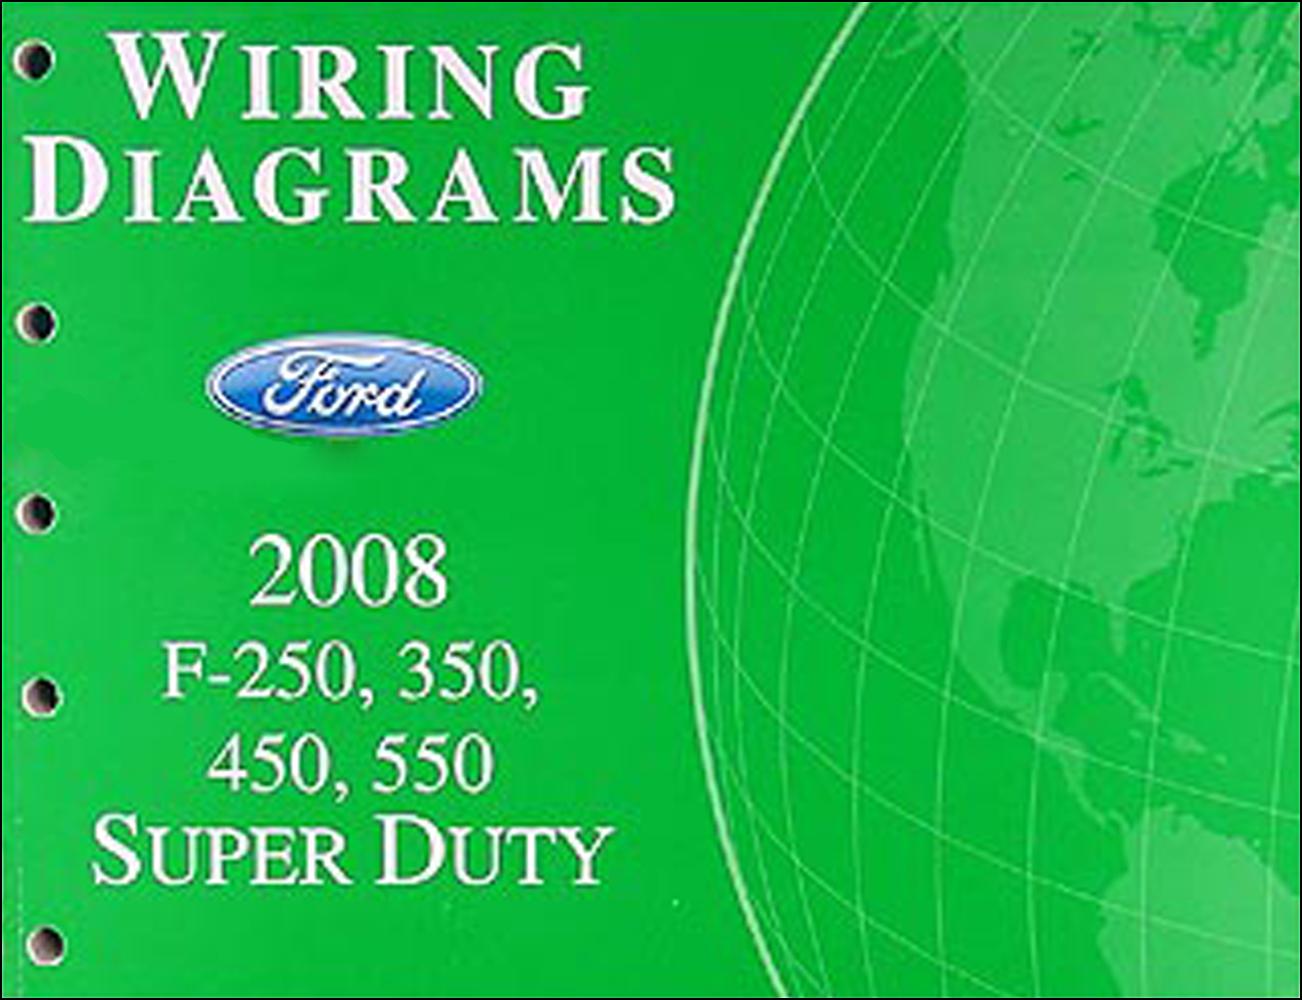 2008 Ford F-250 thru 550 Super Duty Wiring Diagram Manual ...